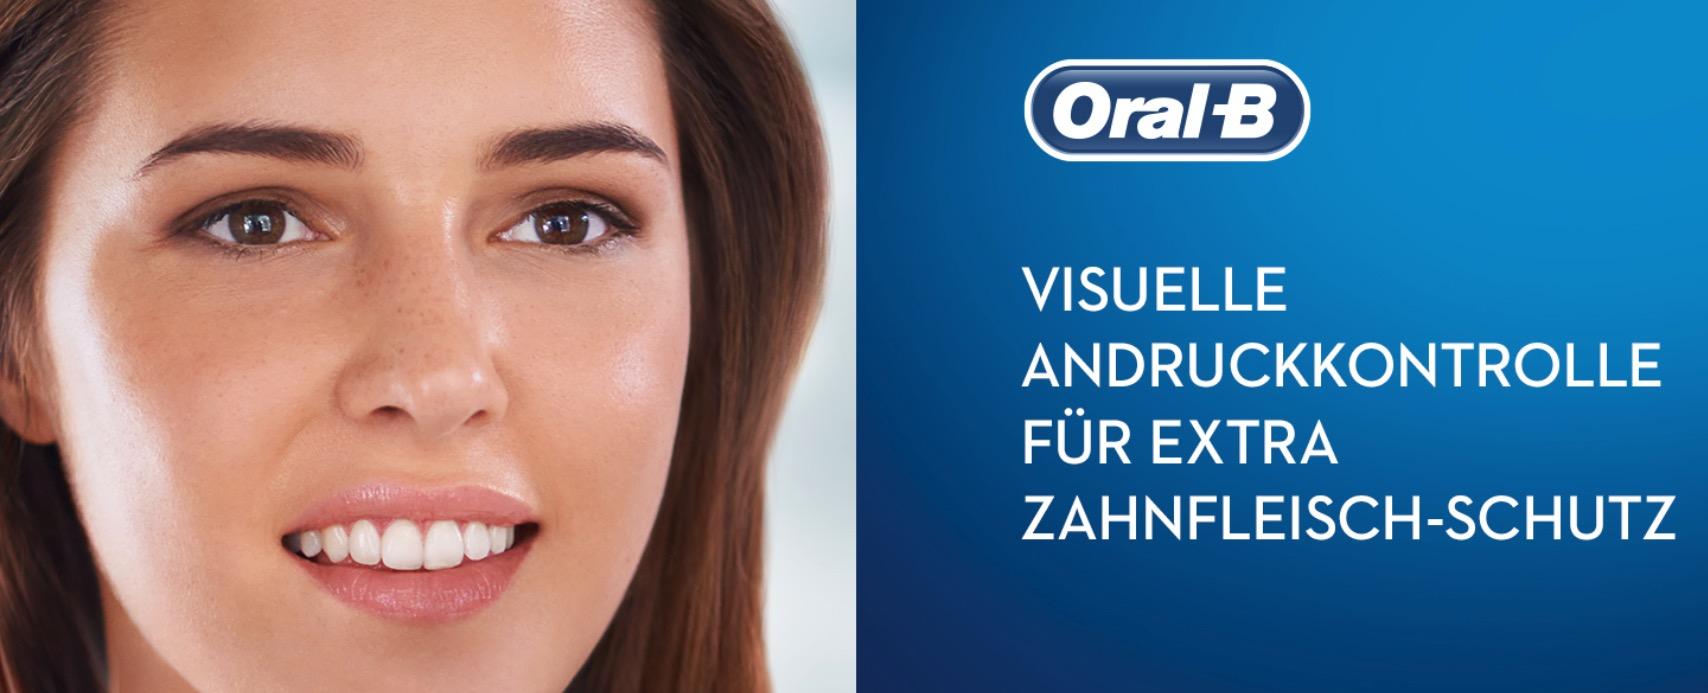 Oral B PRO 2 2000N Elektrische Zahnbuerste 1